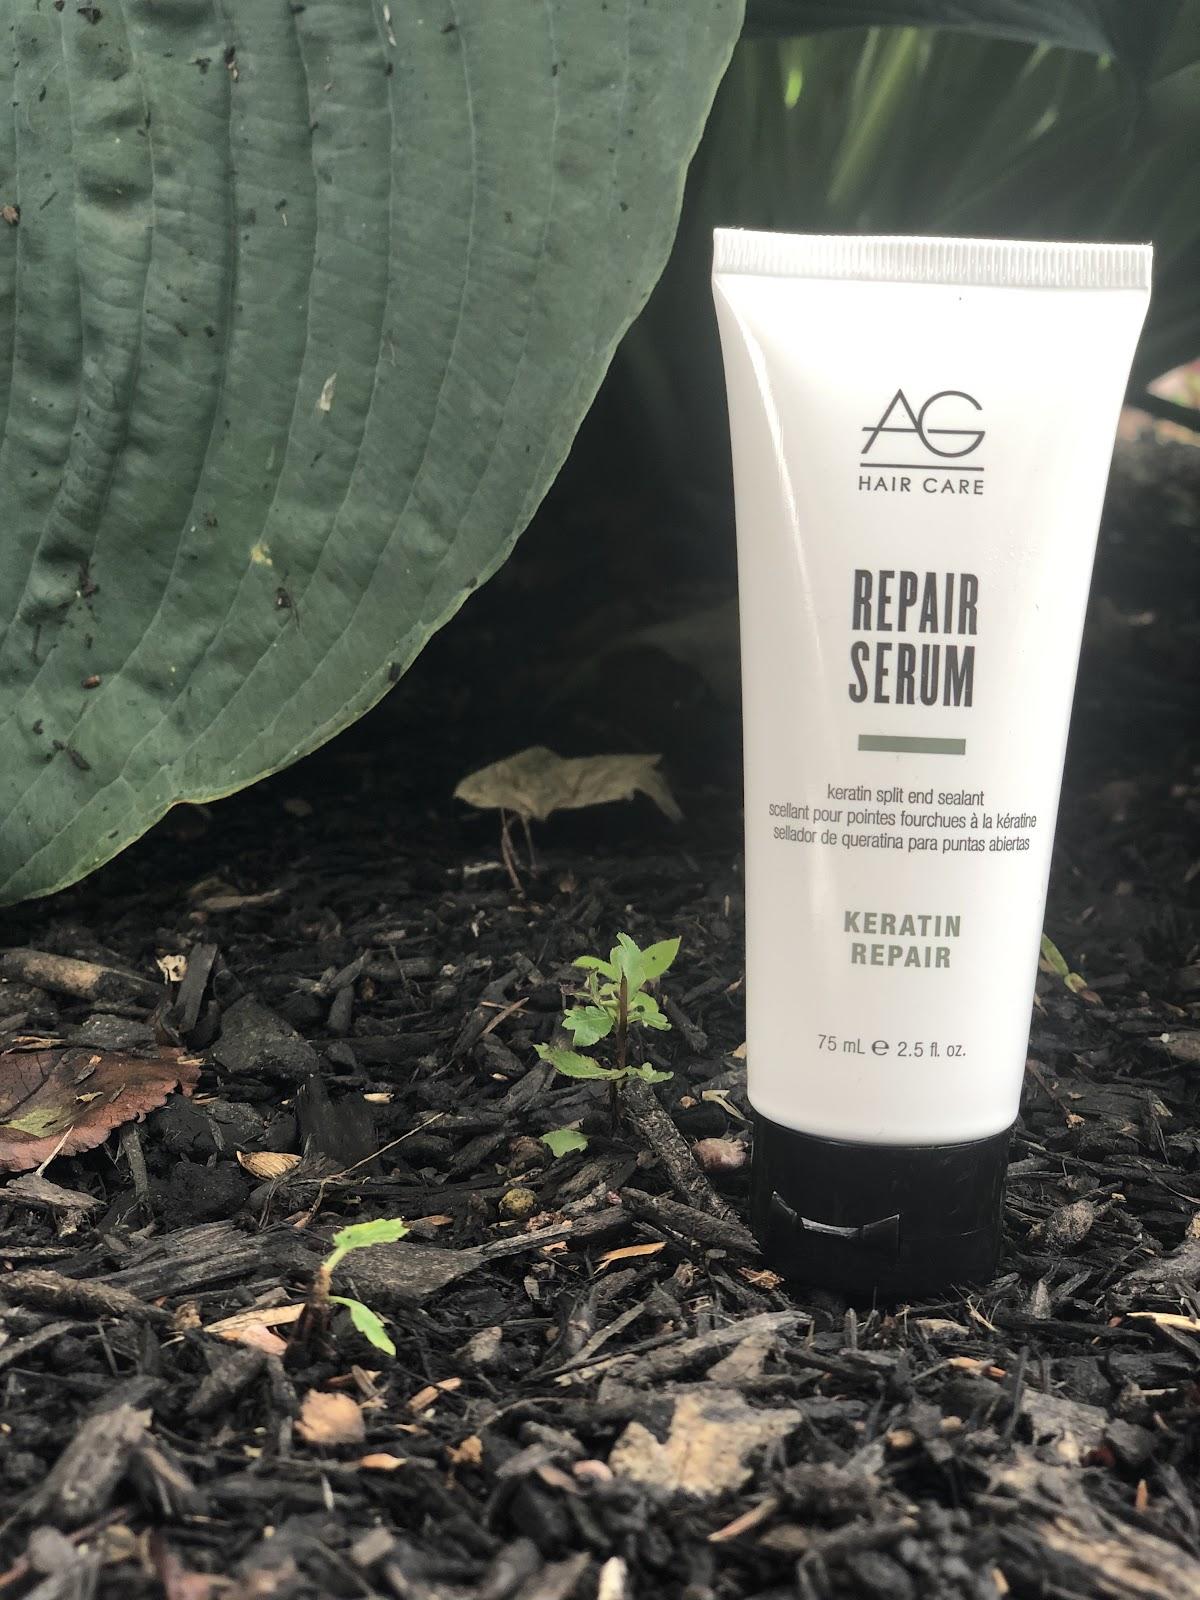 blonde maintenance columbus ohio: AG repair serum